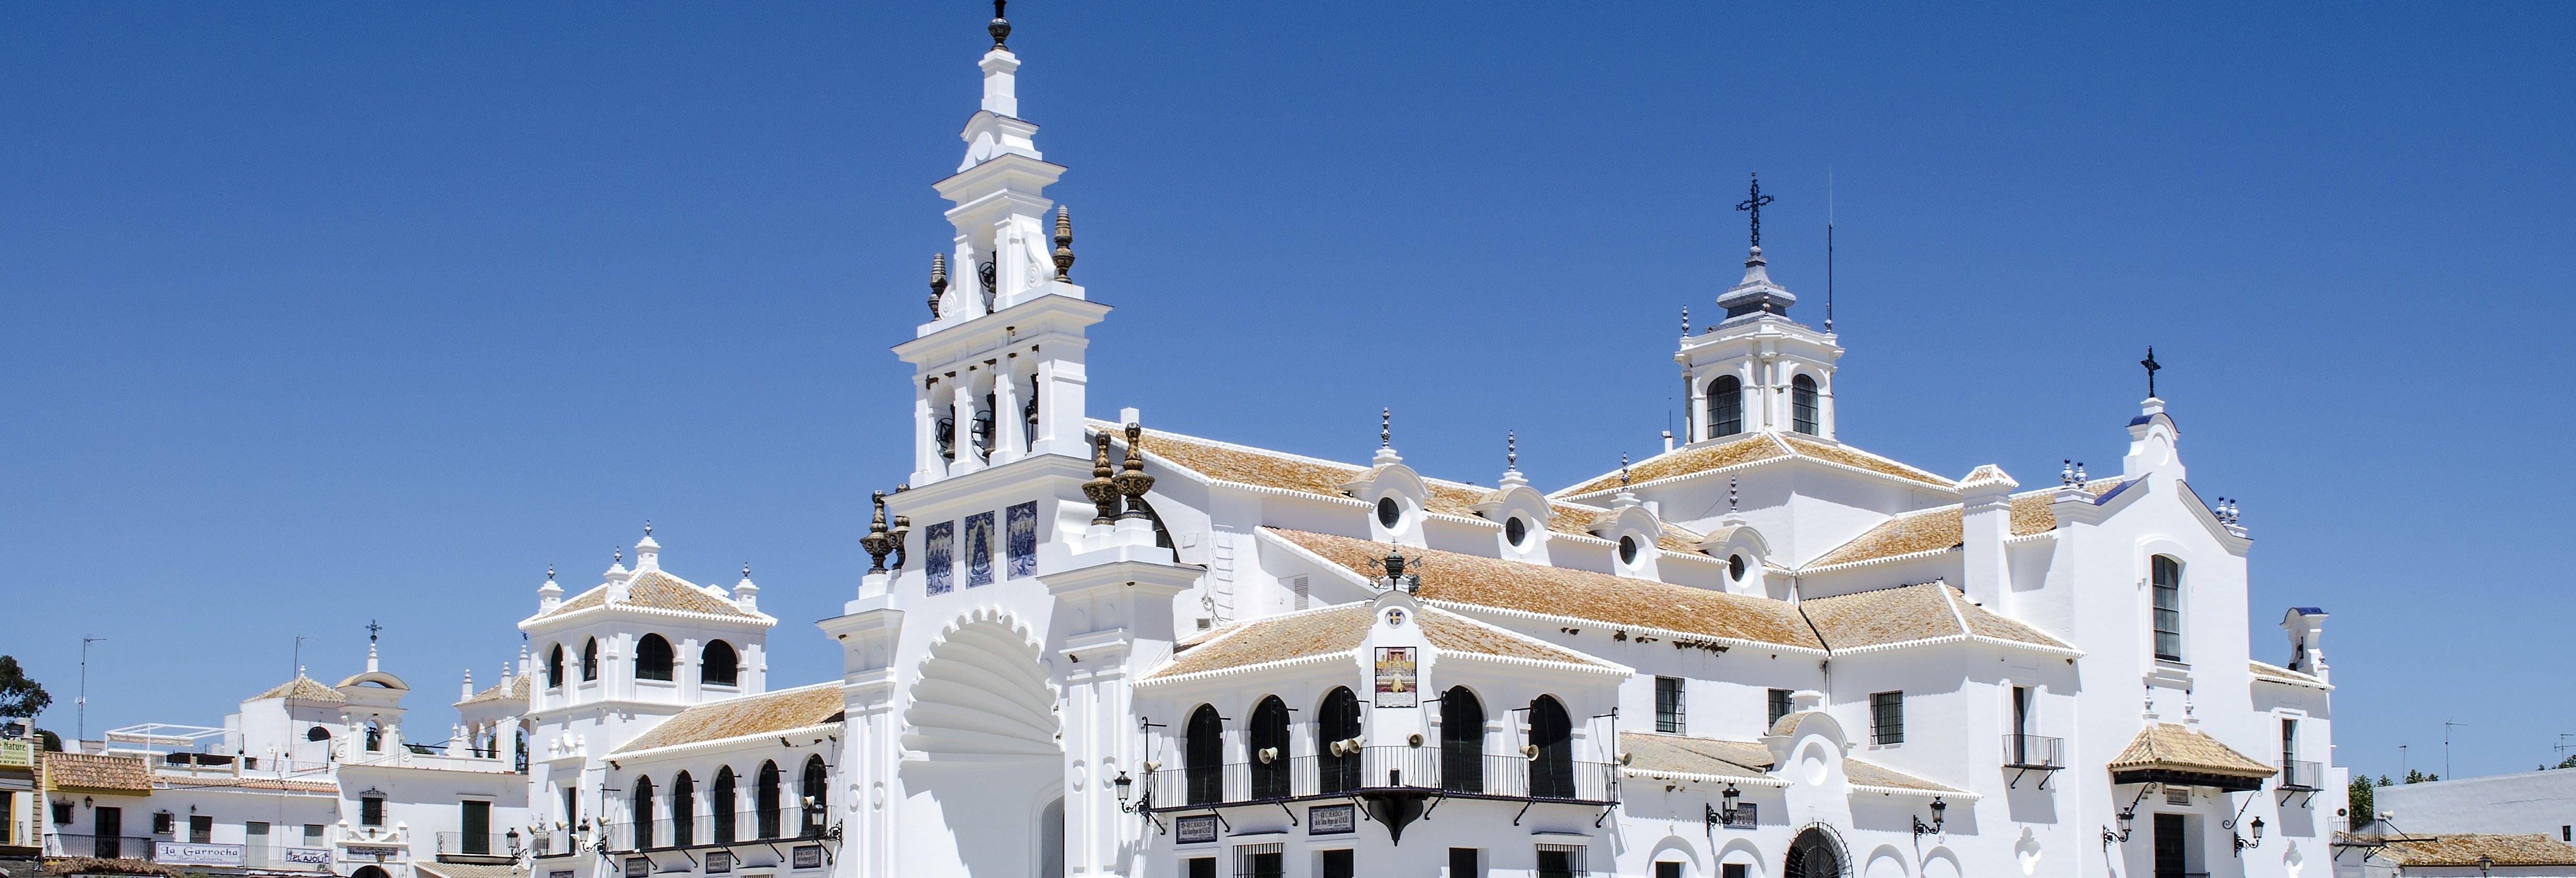 Rota de Cristóvão Colombo pela província de Huelva